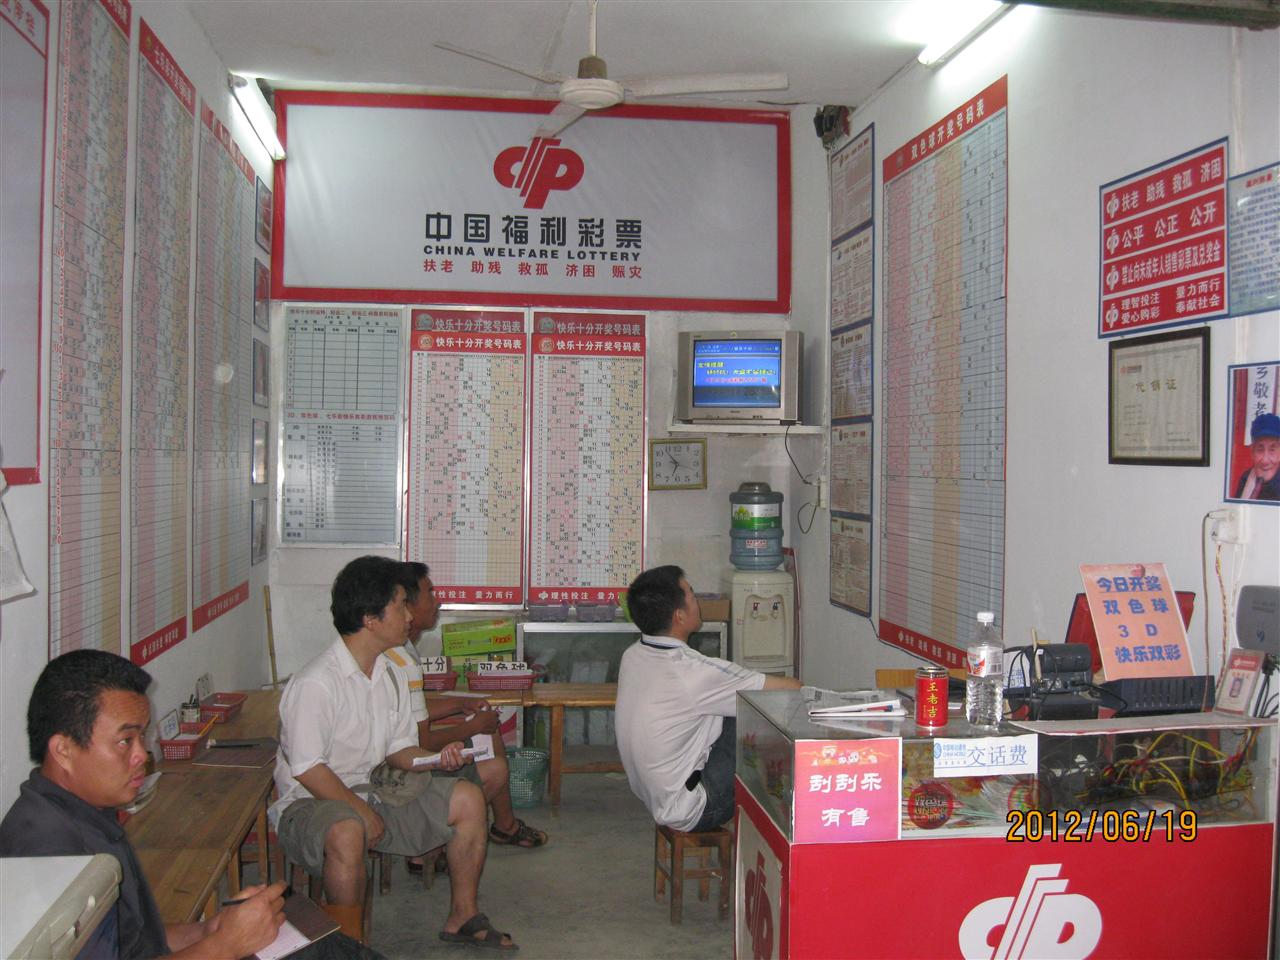 中国福利彩票火车站路口投注站